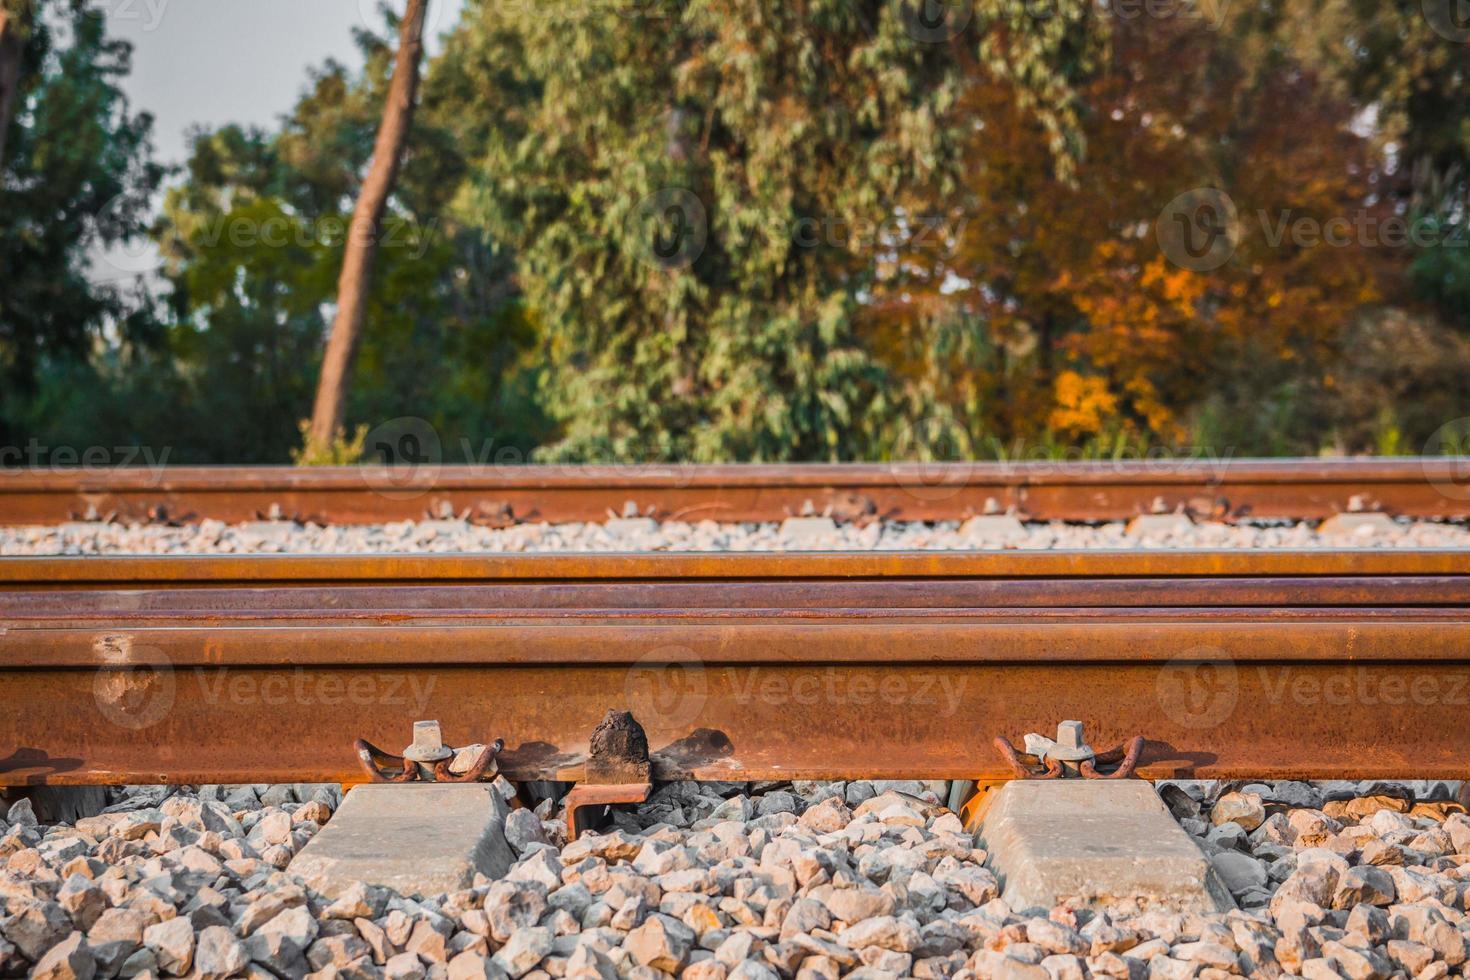 järnvägsspår på landsbygden på eftermiddagen foto